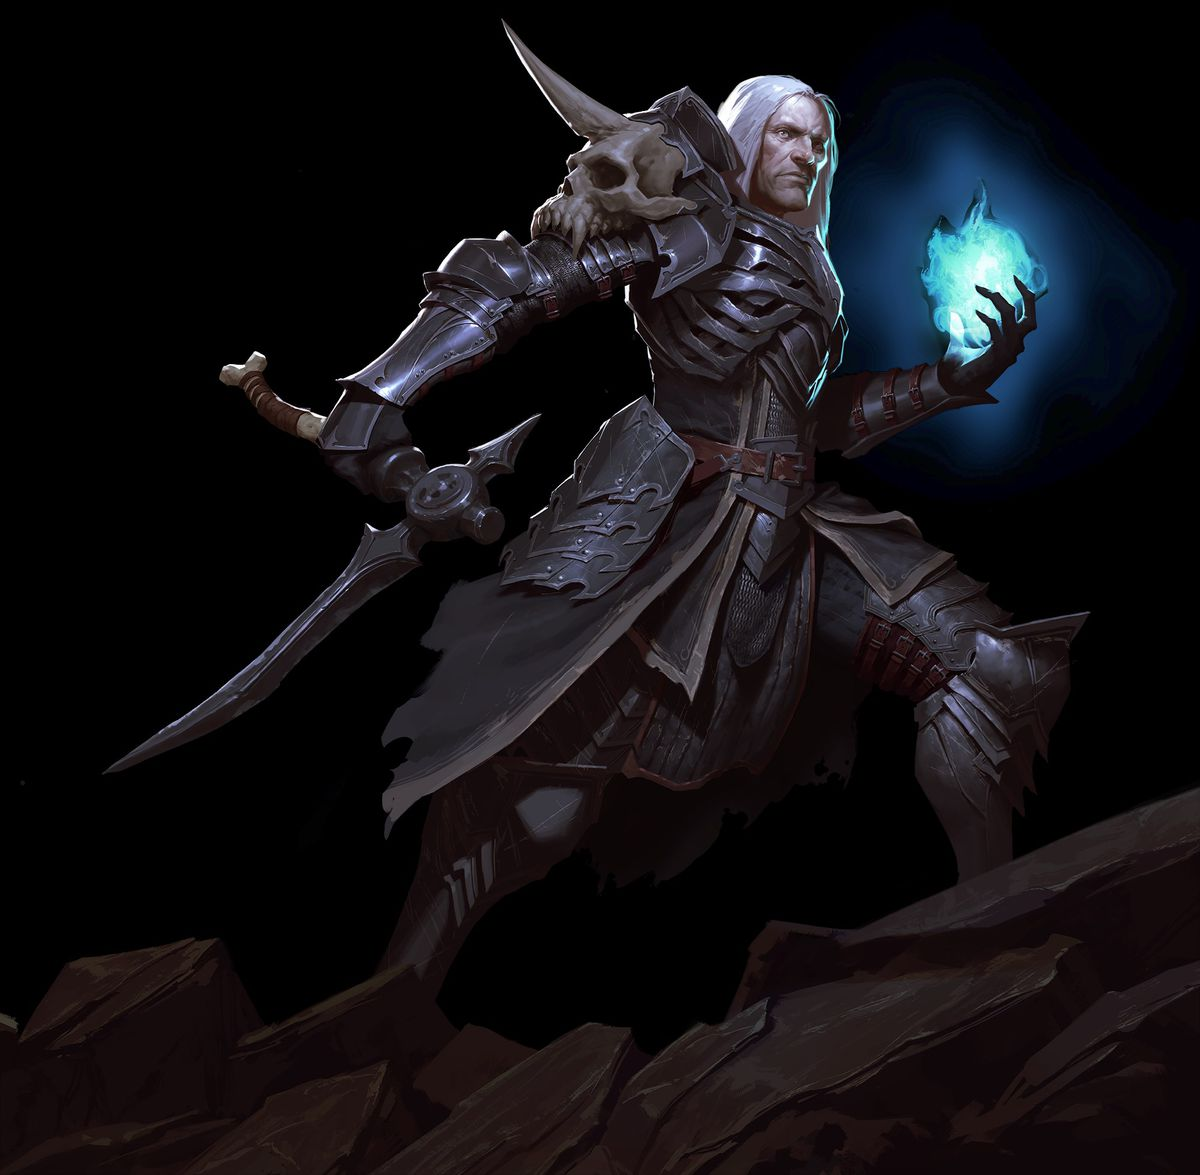 Male Necromancer in Diablo 3